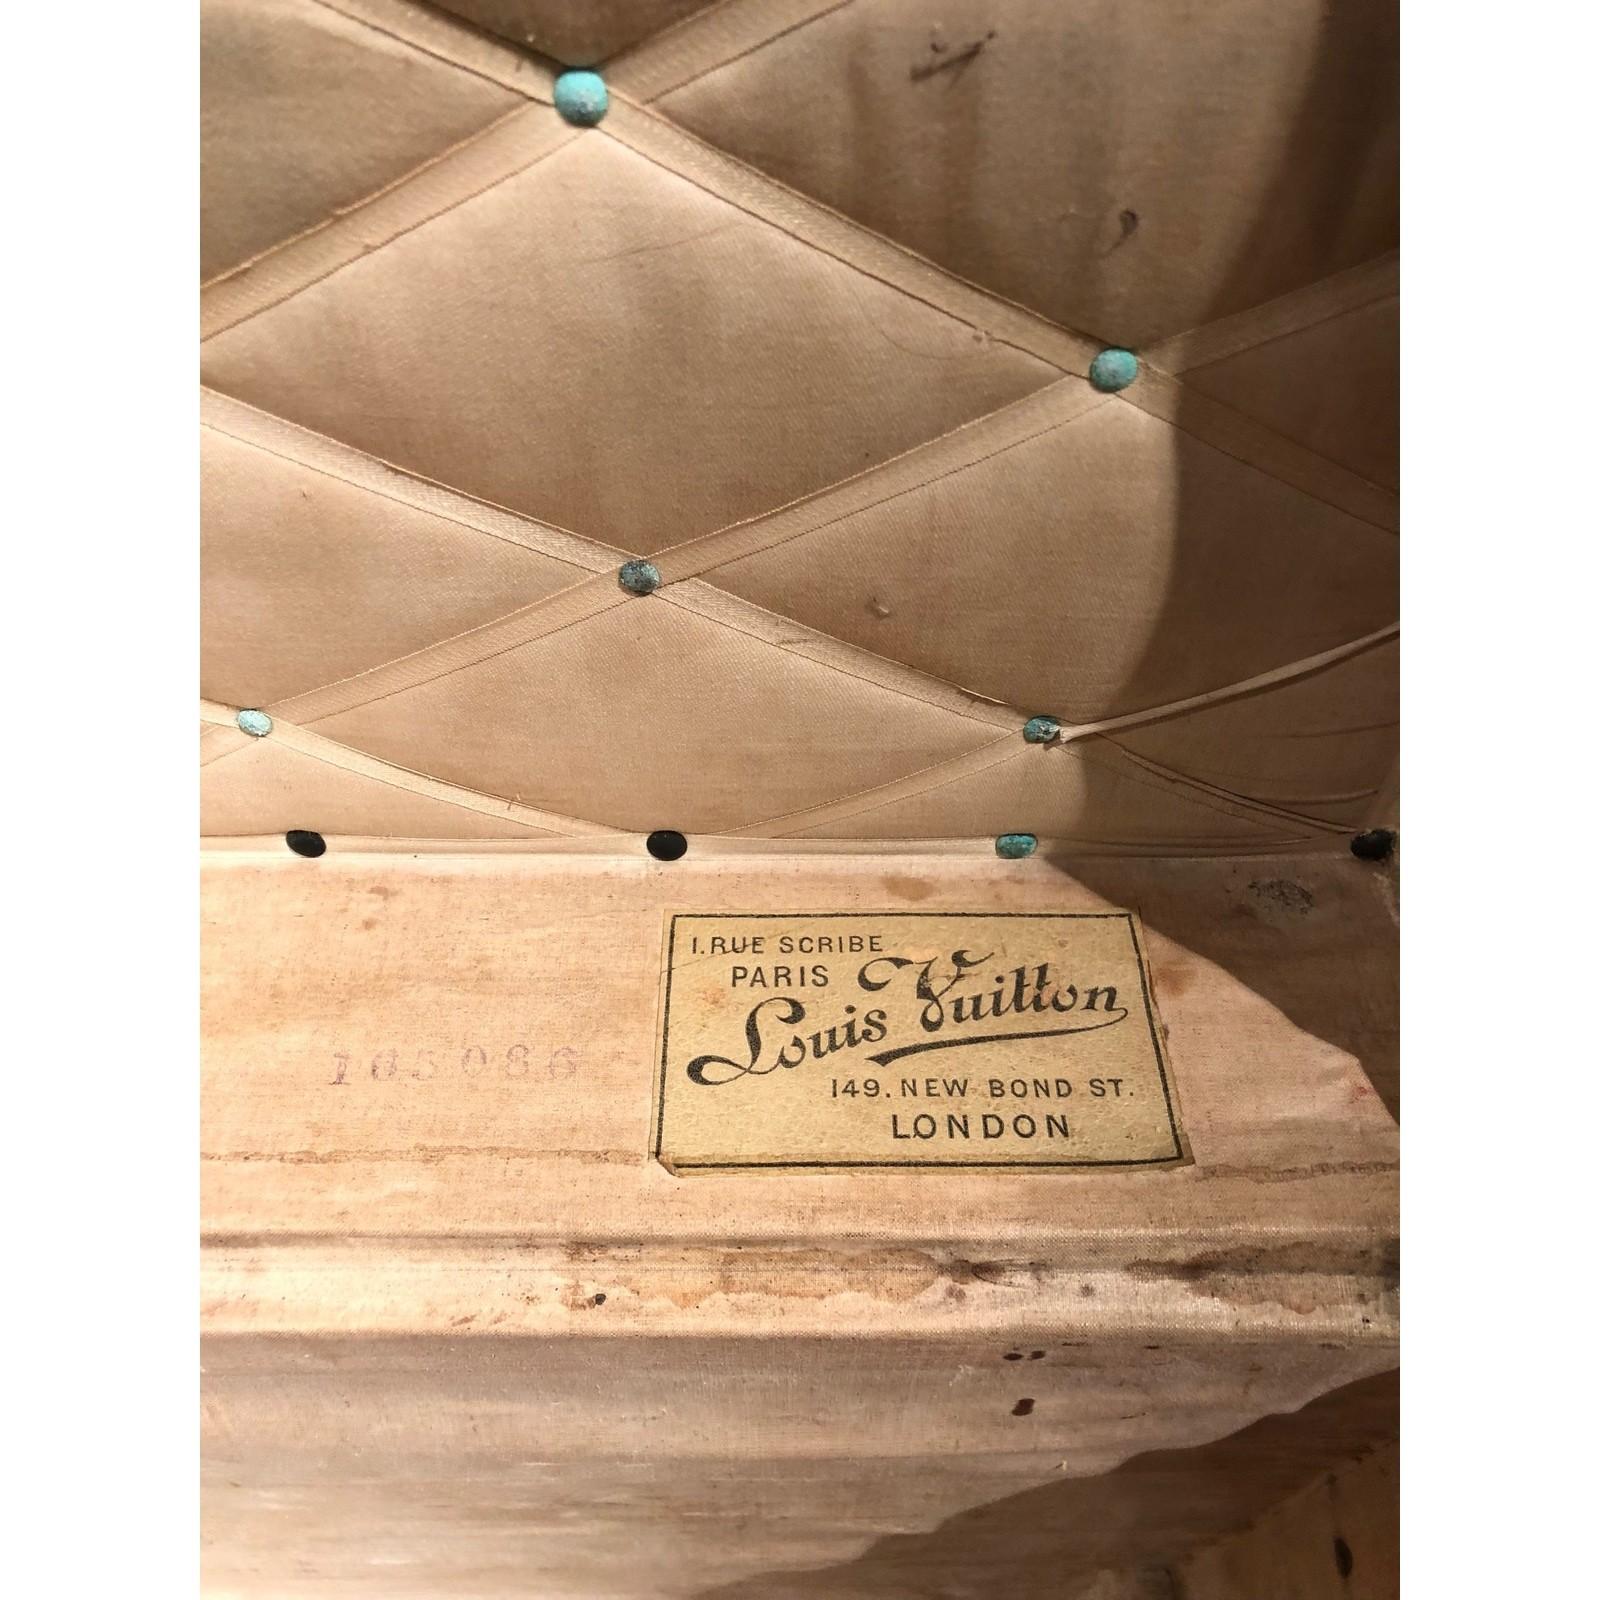 Louis Vuitton - einer der absolten Luxus-Brands weltweit